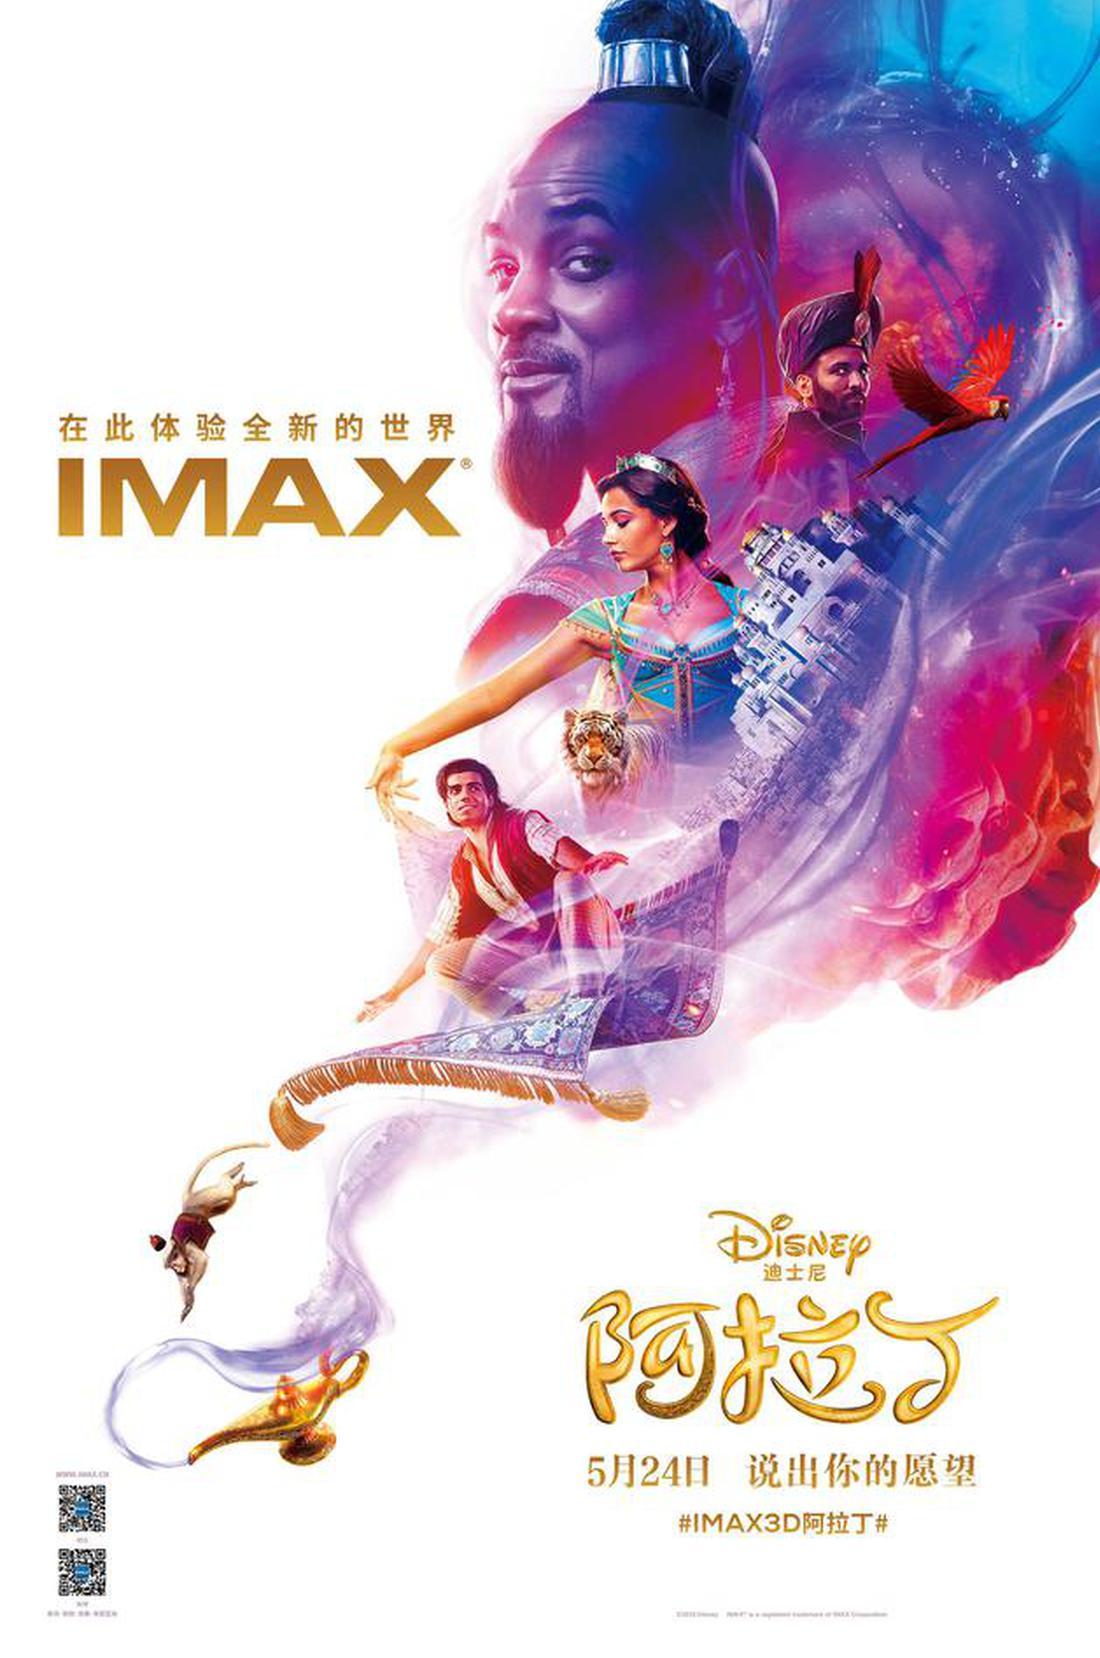 《阿拉丁》發布IMAX海報 浪漫升級重塑迪士尼經典